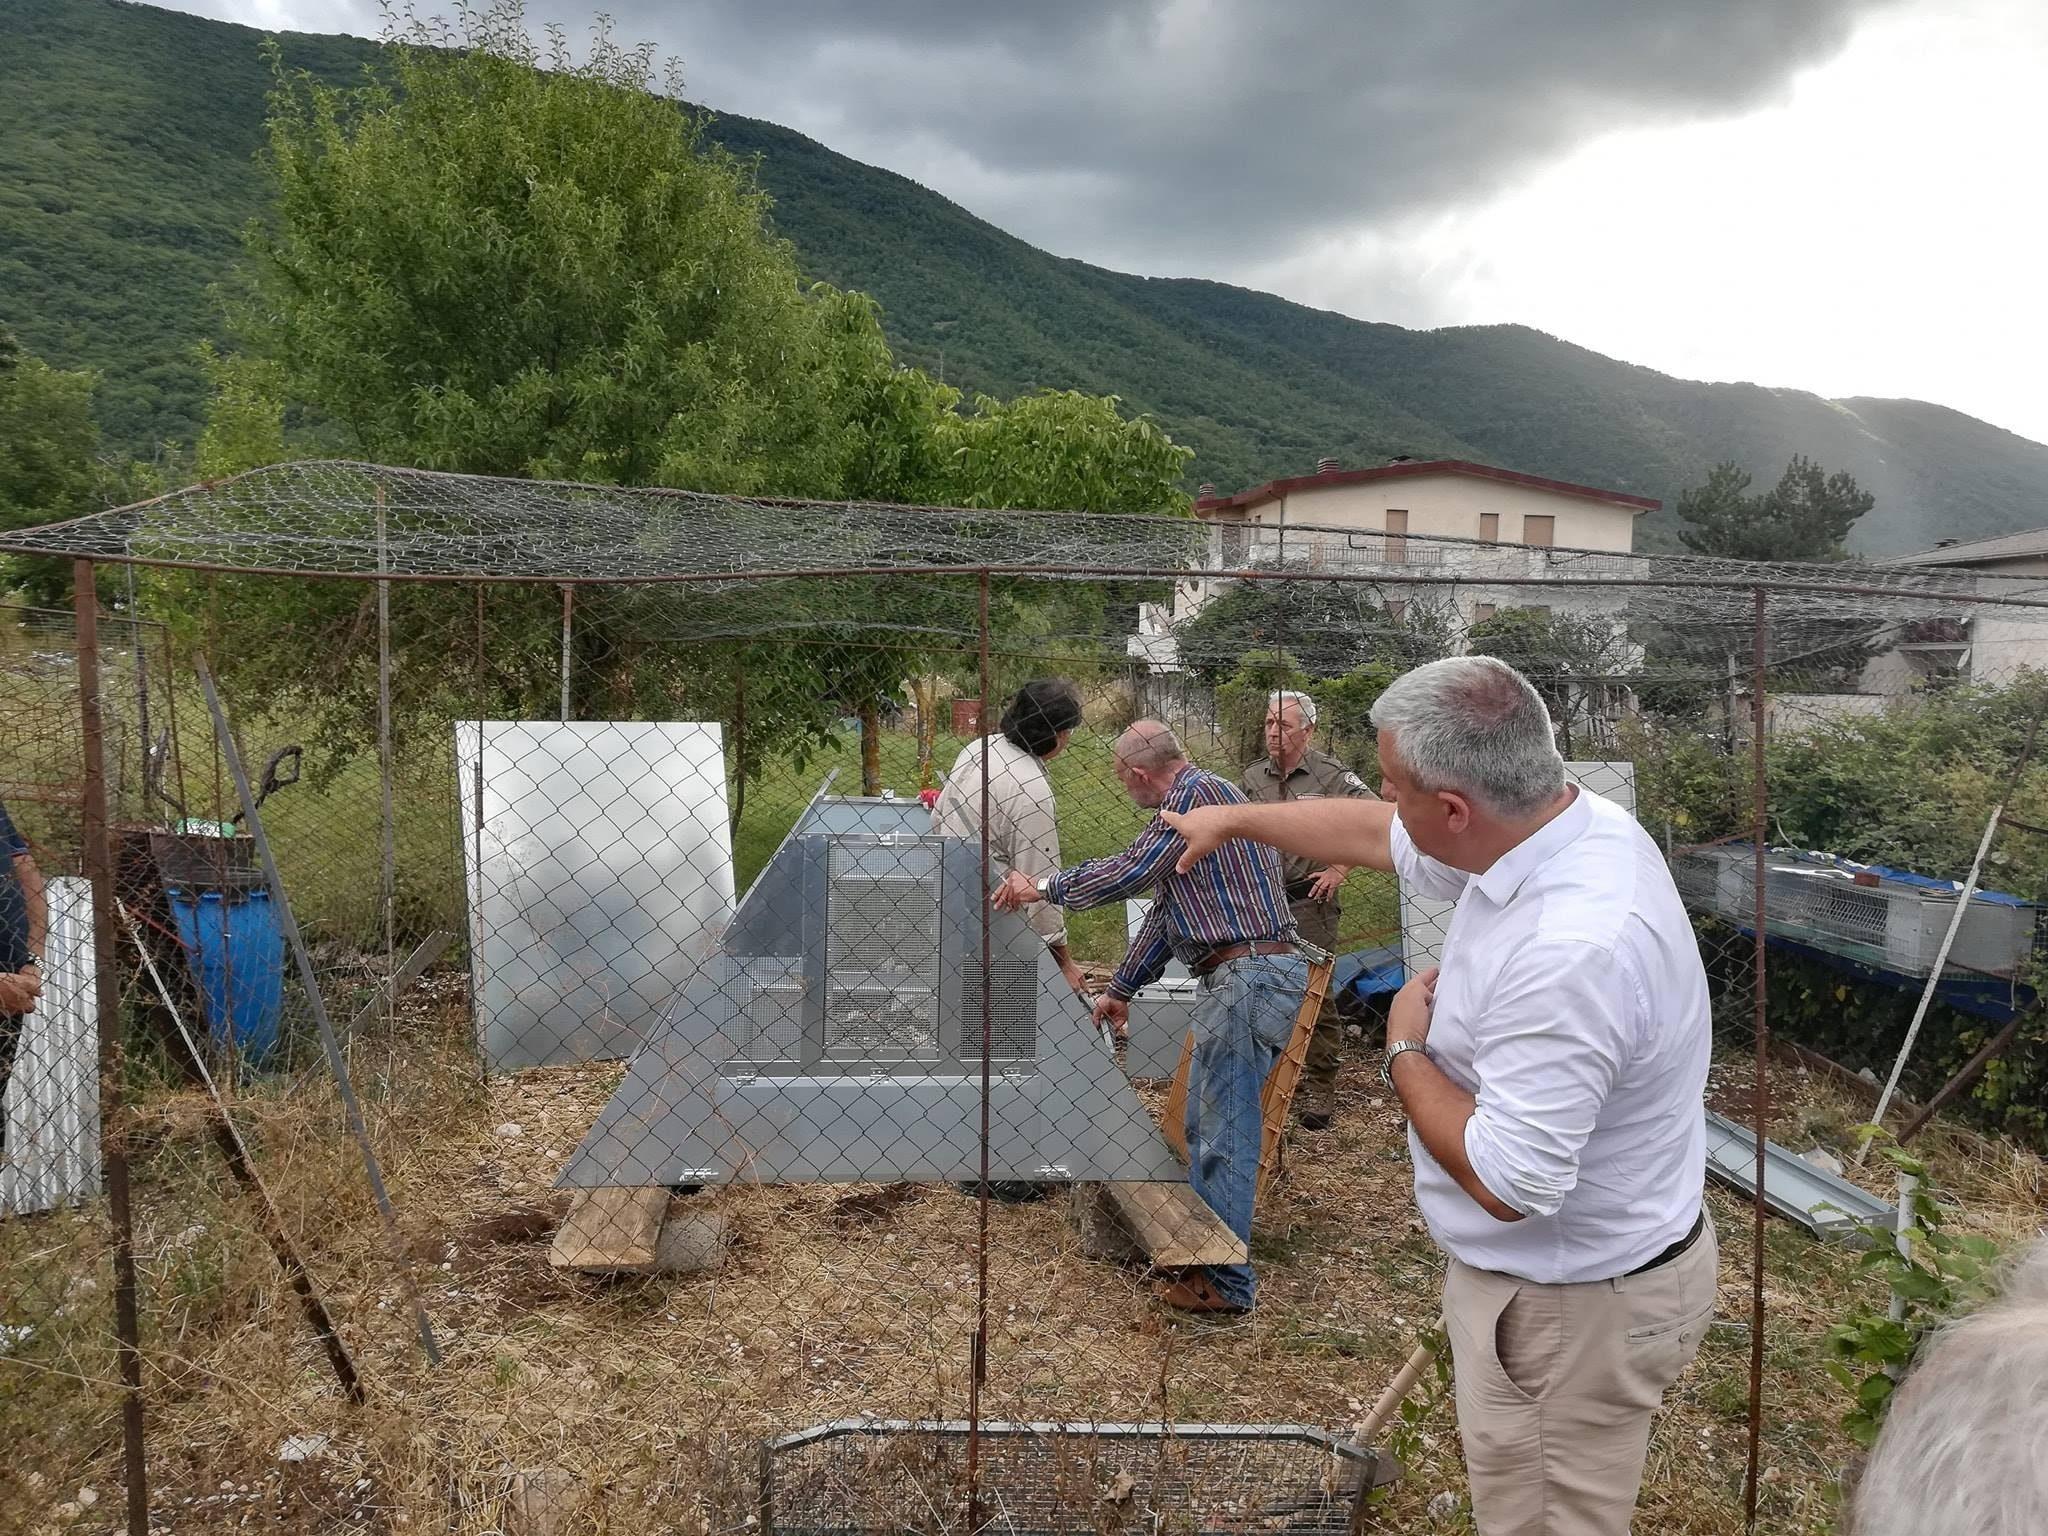 Inaugurati a Collelongo i pollai a prova d'orso, impediranno al plantigrado di entrare